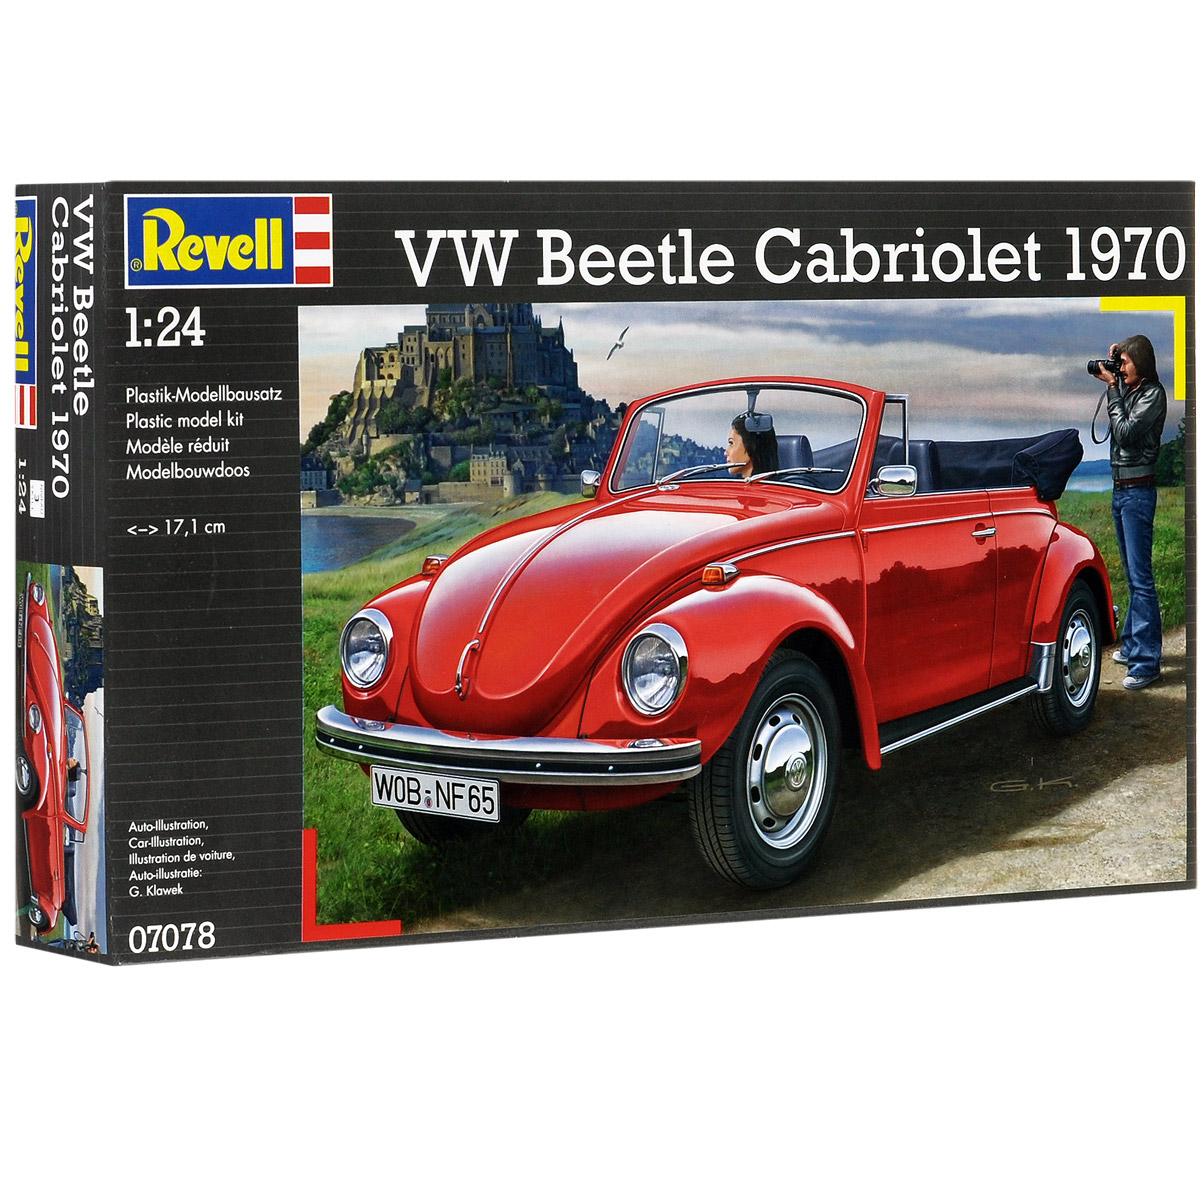 """Сборная модель Revell """"Автомобиль VW Beetle Cabriolet 1970"""" поможет вам и вашему ребенку придумать увлекательное занятие на долгое время. Набор включает в себя 122 пластиковых элемента, из которых можно собрать достоверную уменьшенную копию одноименного автомобиля. Volkswagen Beetle - компактный автомобиль немецкой компании Volkswagen. Volkswagen """"Жук"""" в различных модификациях выпускался с 1938 по 2003 годы. За это время было выпущено около 21,5 миллиона """"жуков"""". Также в наборе схематичная инструкция по сборке. Процесс сборки развивает интеллектуальные и инструментальные способности, воображение и конструктивное мышление, а также прививает практические навыки работы со схемами и чертежами. Уровень сложности: 3. УВАЖАЕМЫЕ КЛИЕНТЫ! Обращаем ваше внимание на тот факт, что элементы для сборки не покрашены. Клей и краски в комплект не входят."""